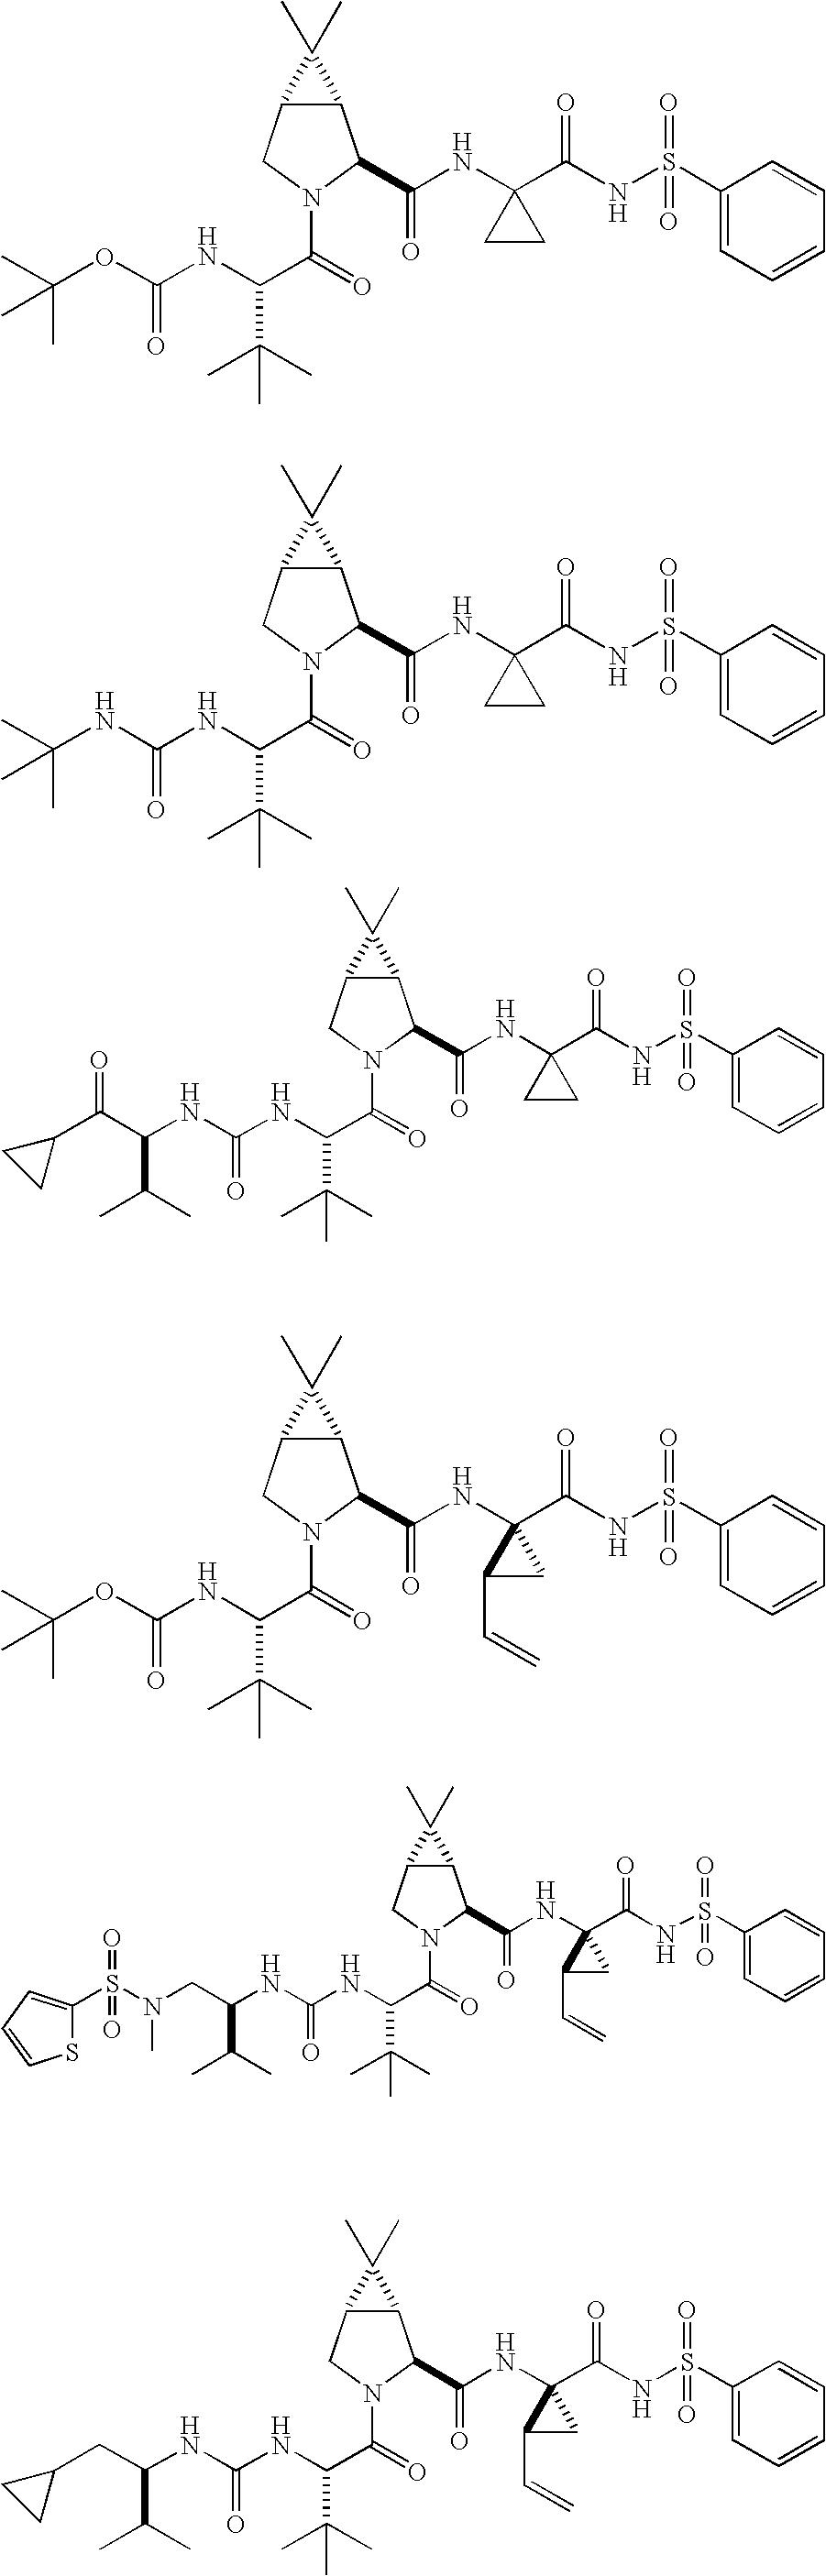 Figure US20060287248A1-20061221-C00555